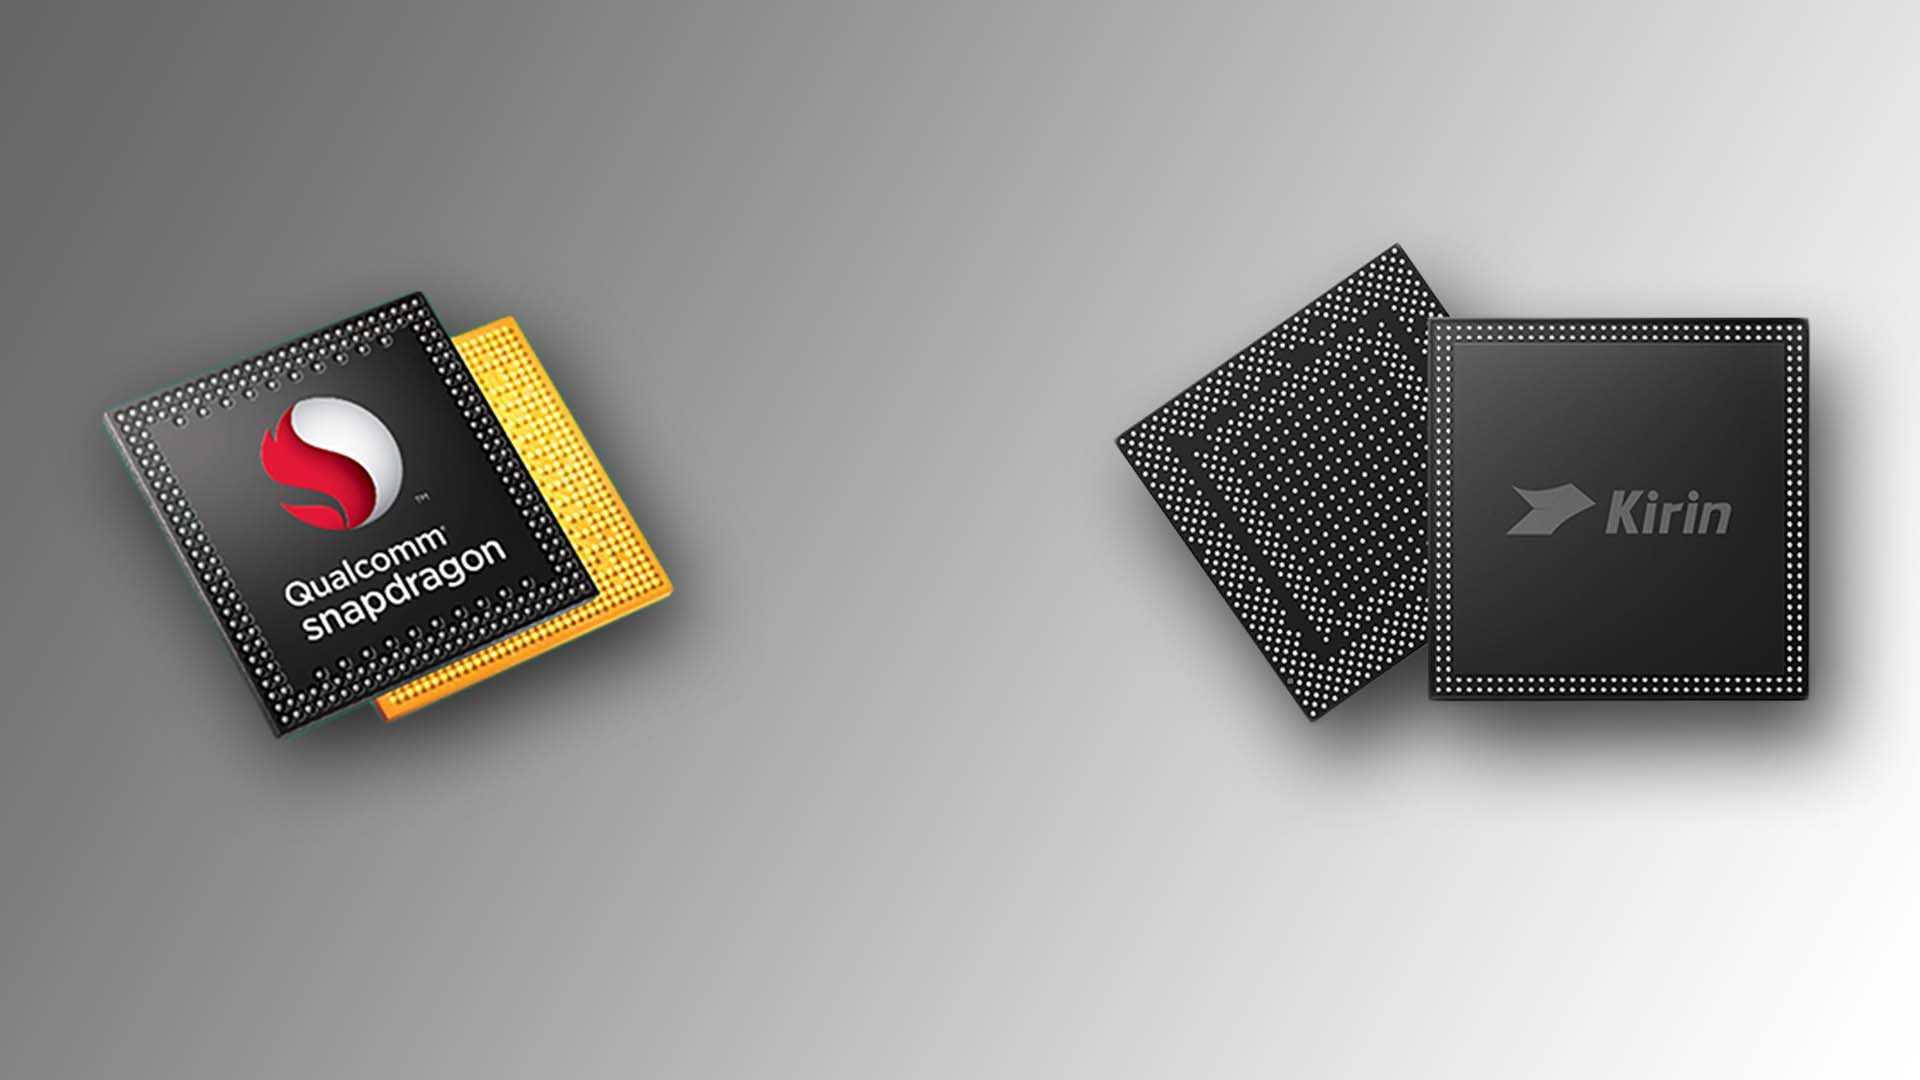 Snapdragon 875 будут устанавливаться в huawei. компания получила лицензию